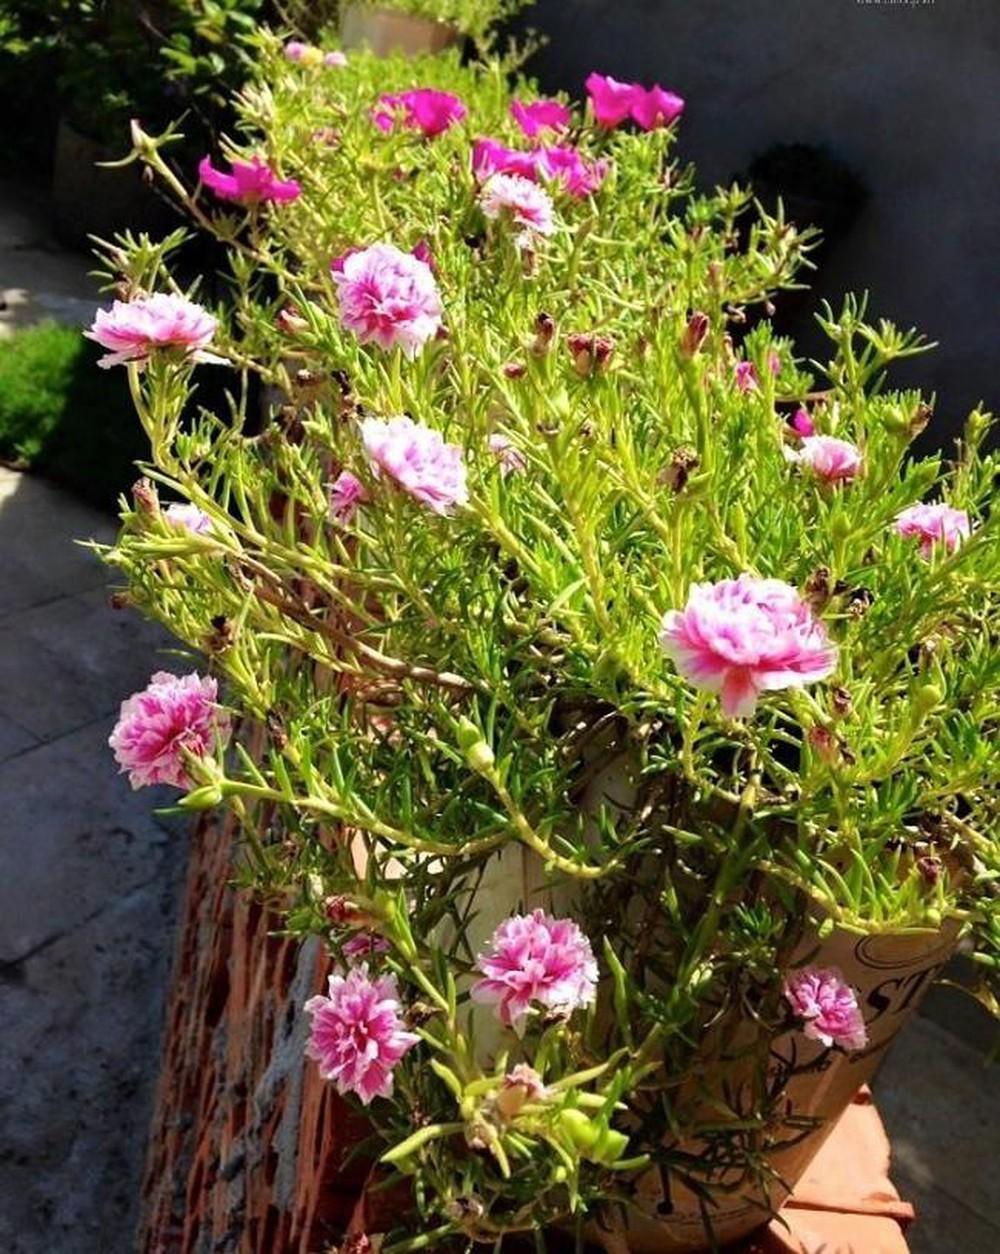 ngắn nhìn những bông hoa mười giờ đẹp